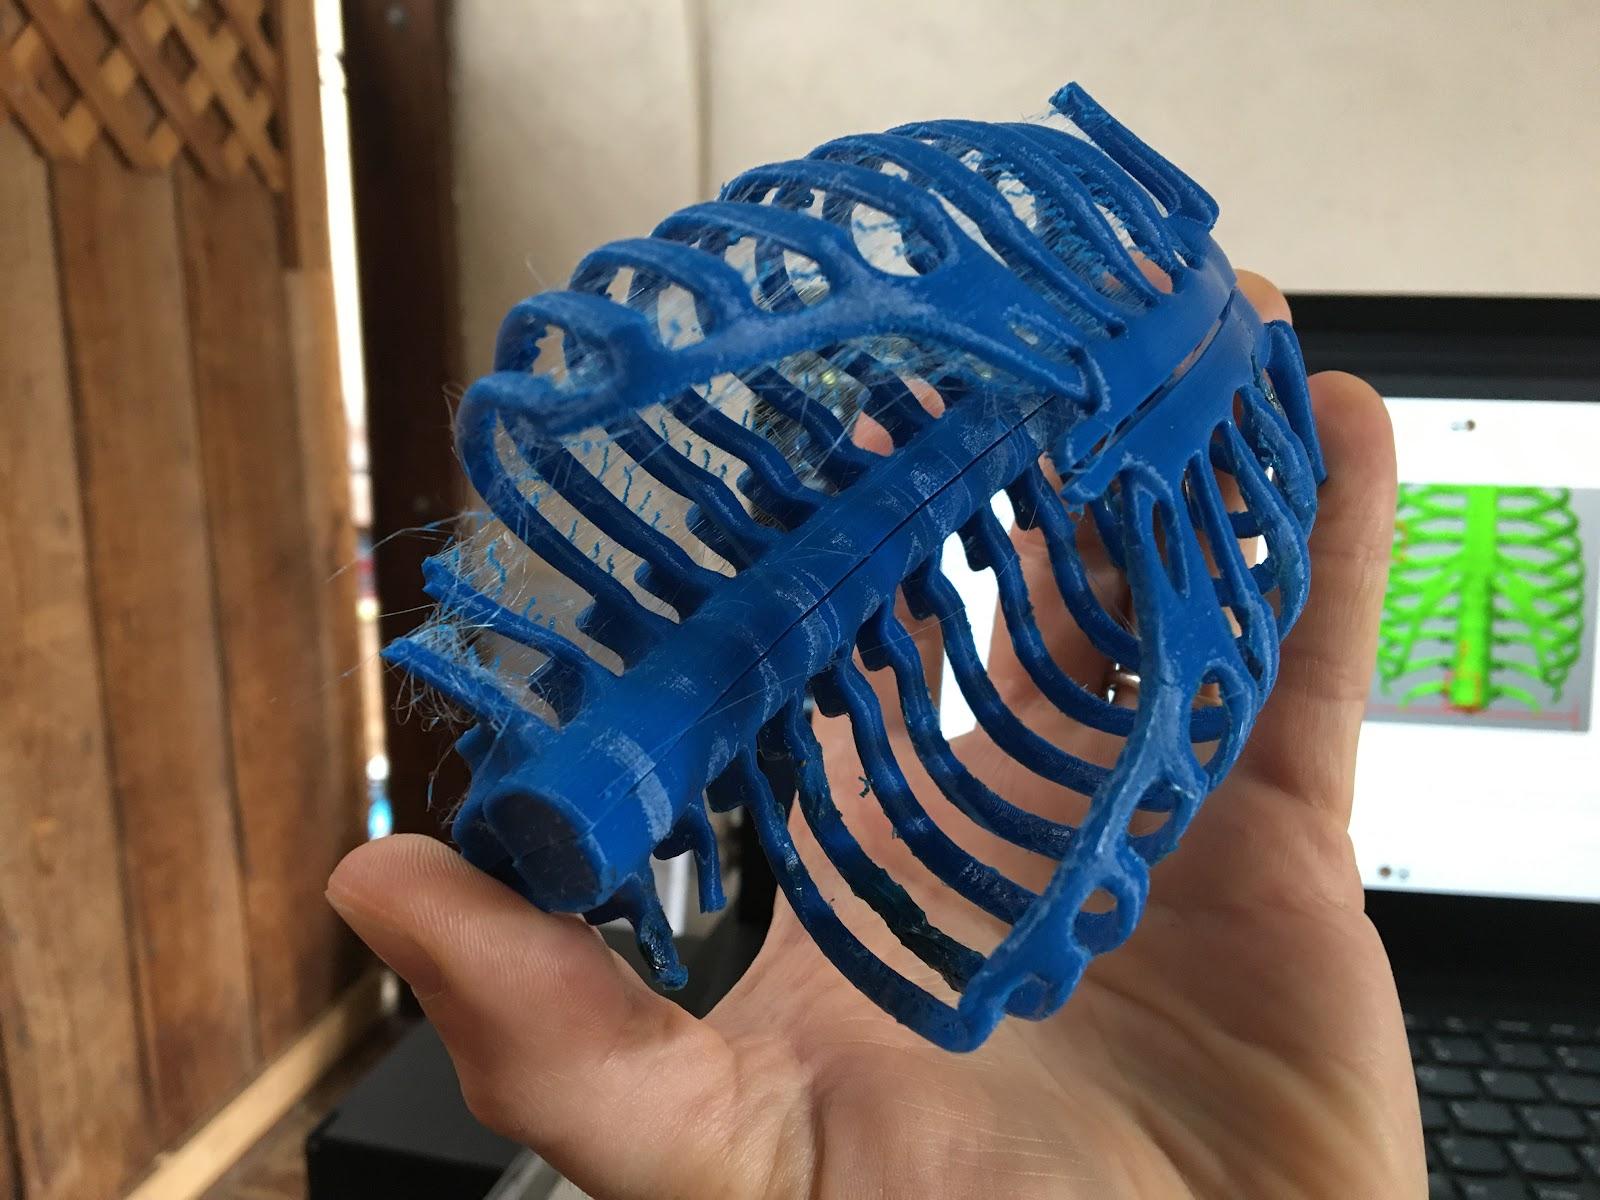 3D printed ribcage halves glued together.